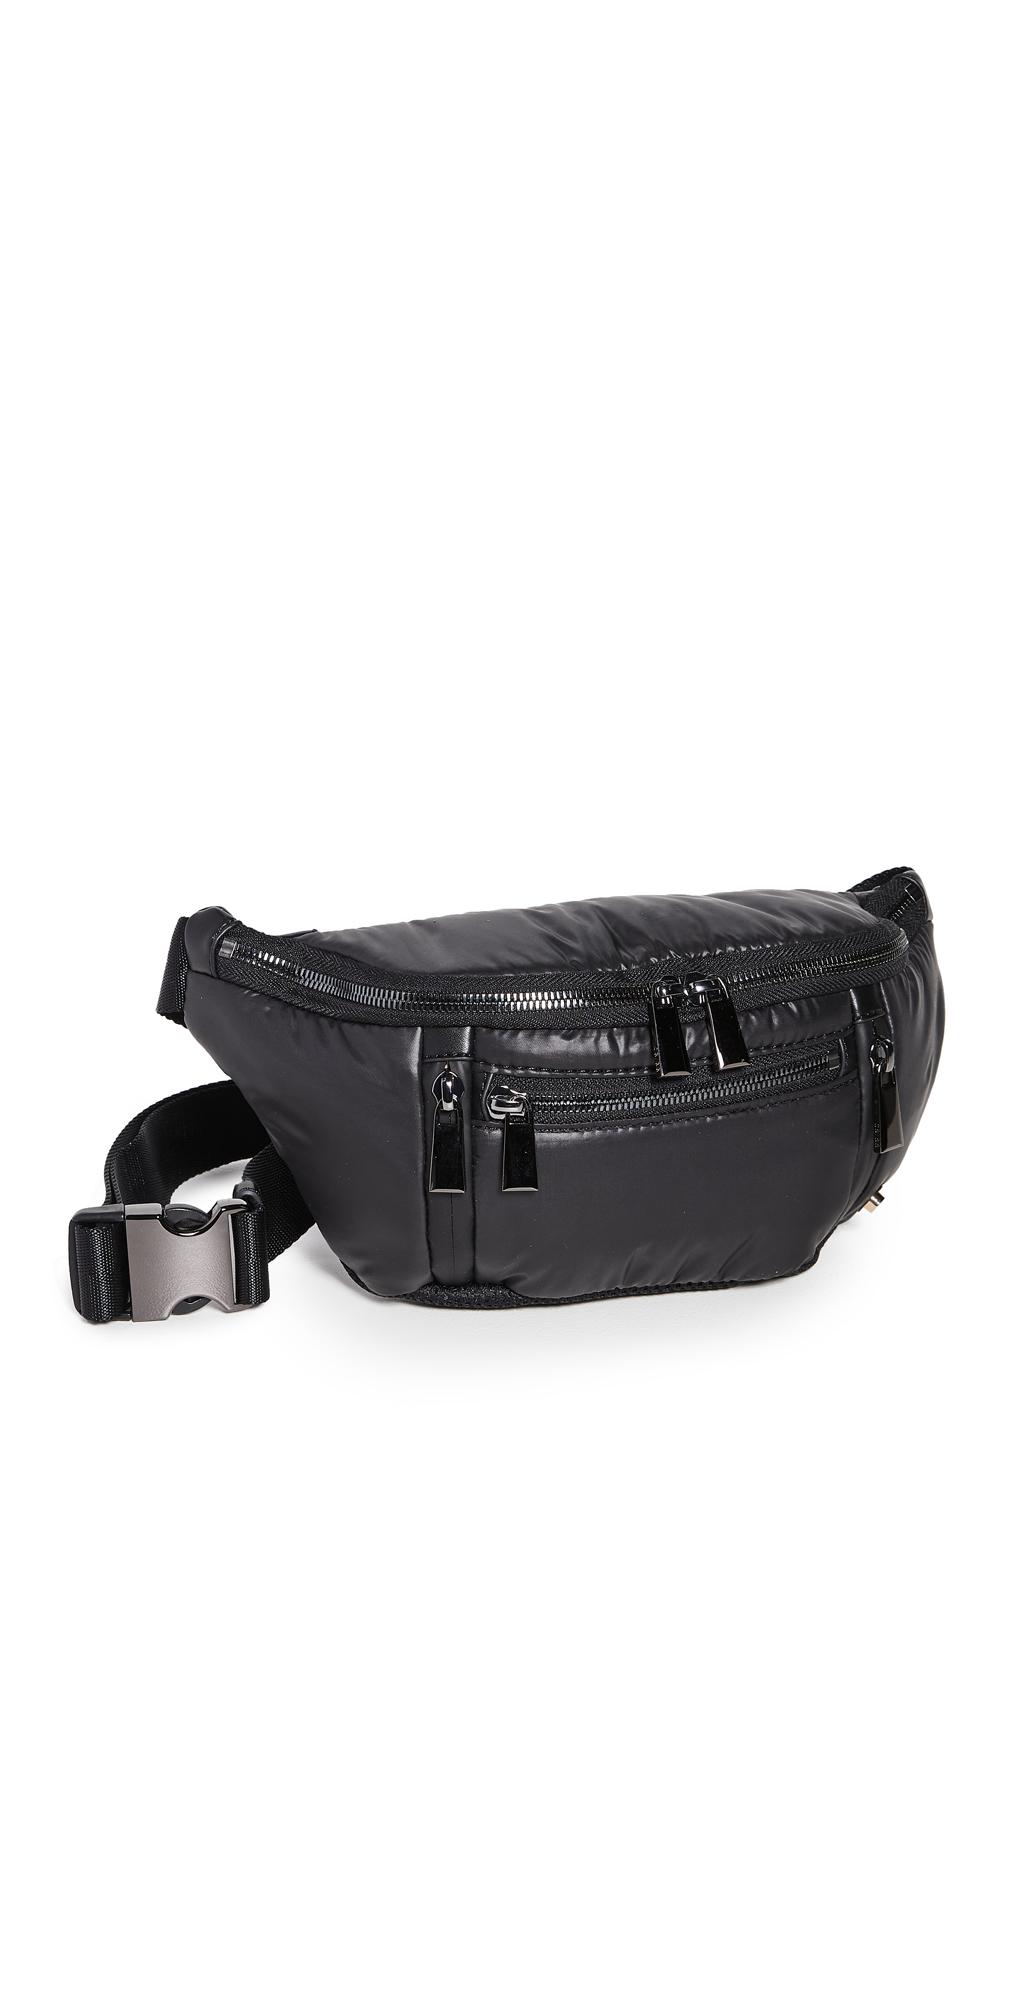 Caraa Sling Small Waist Bag